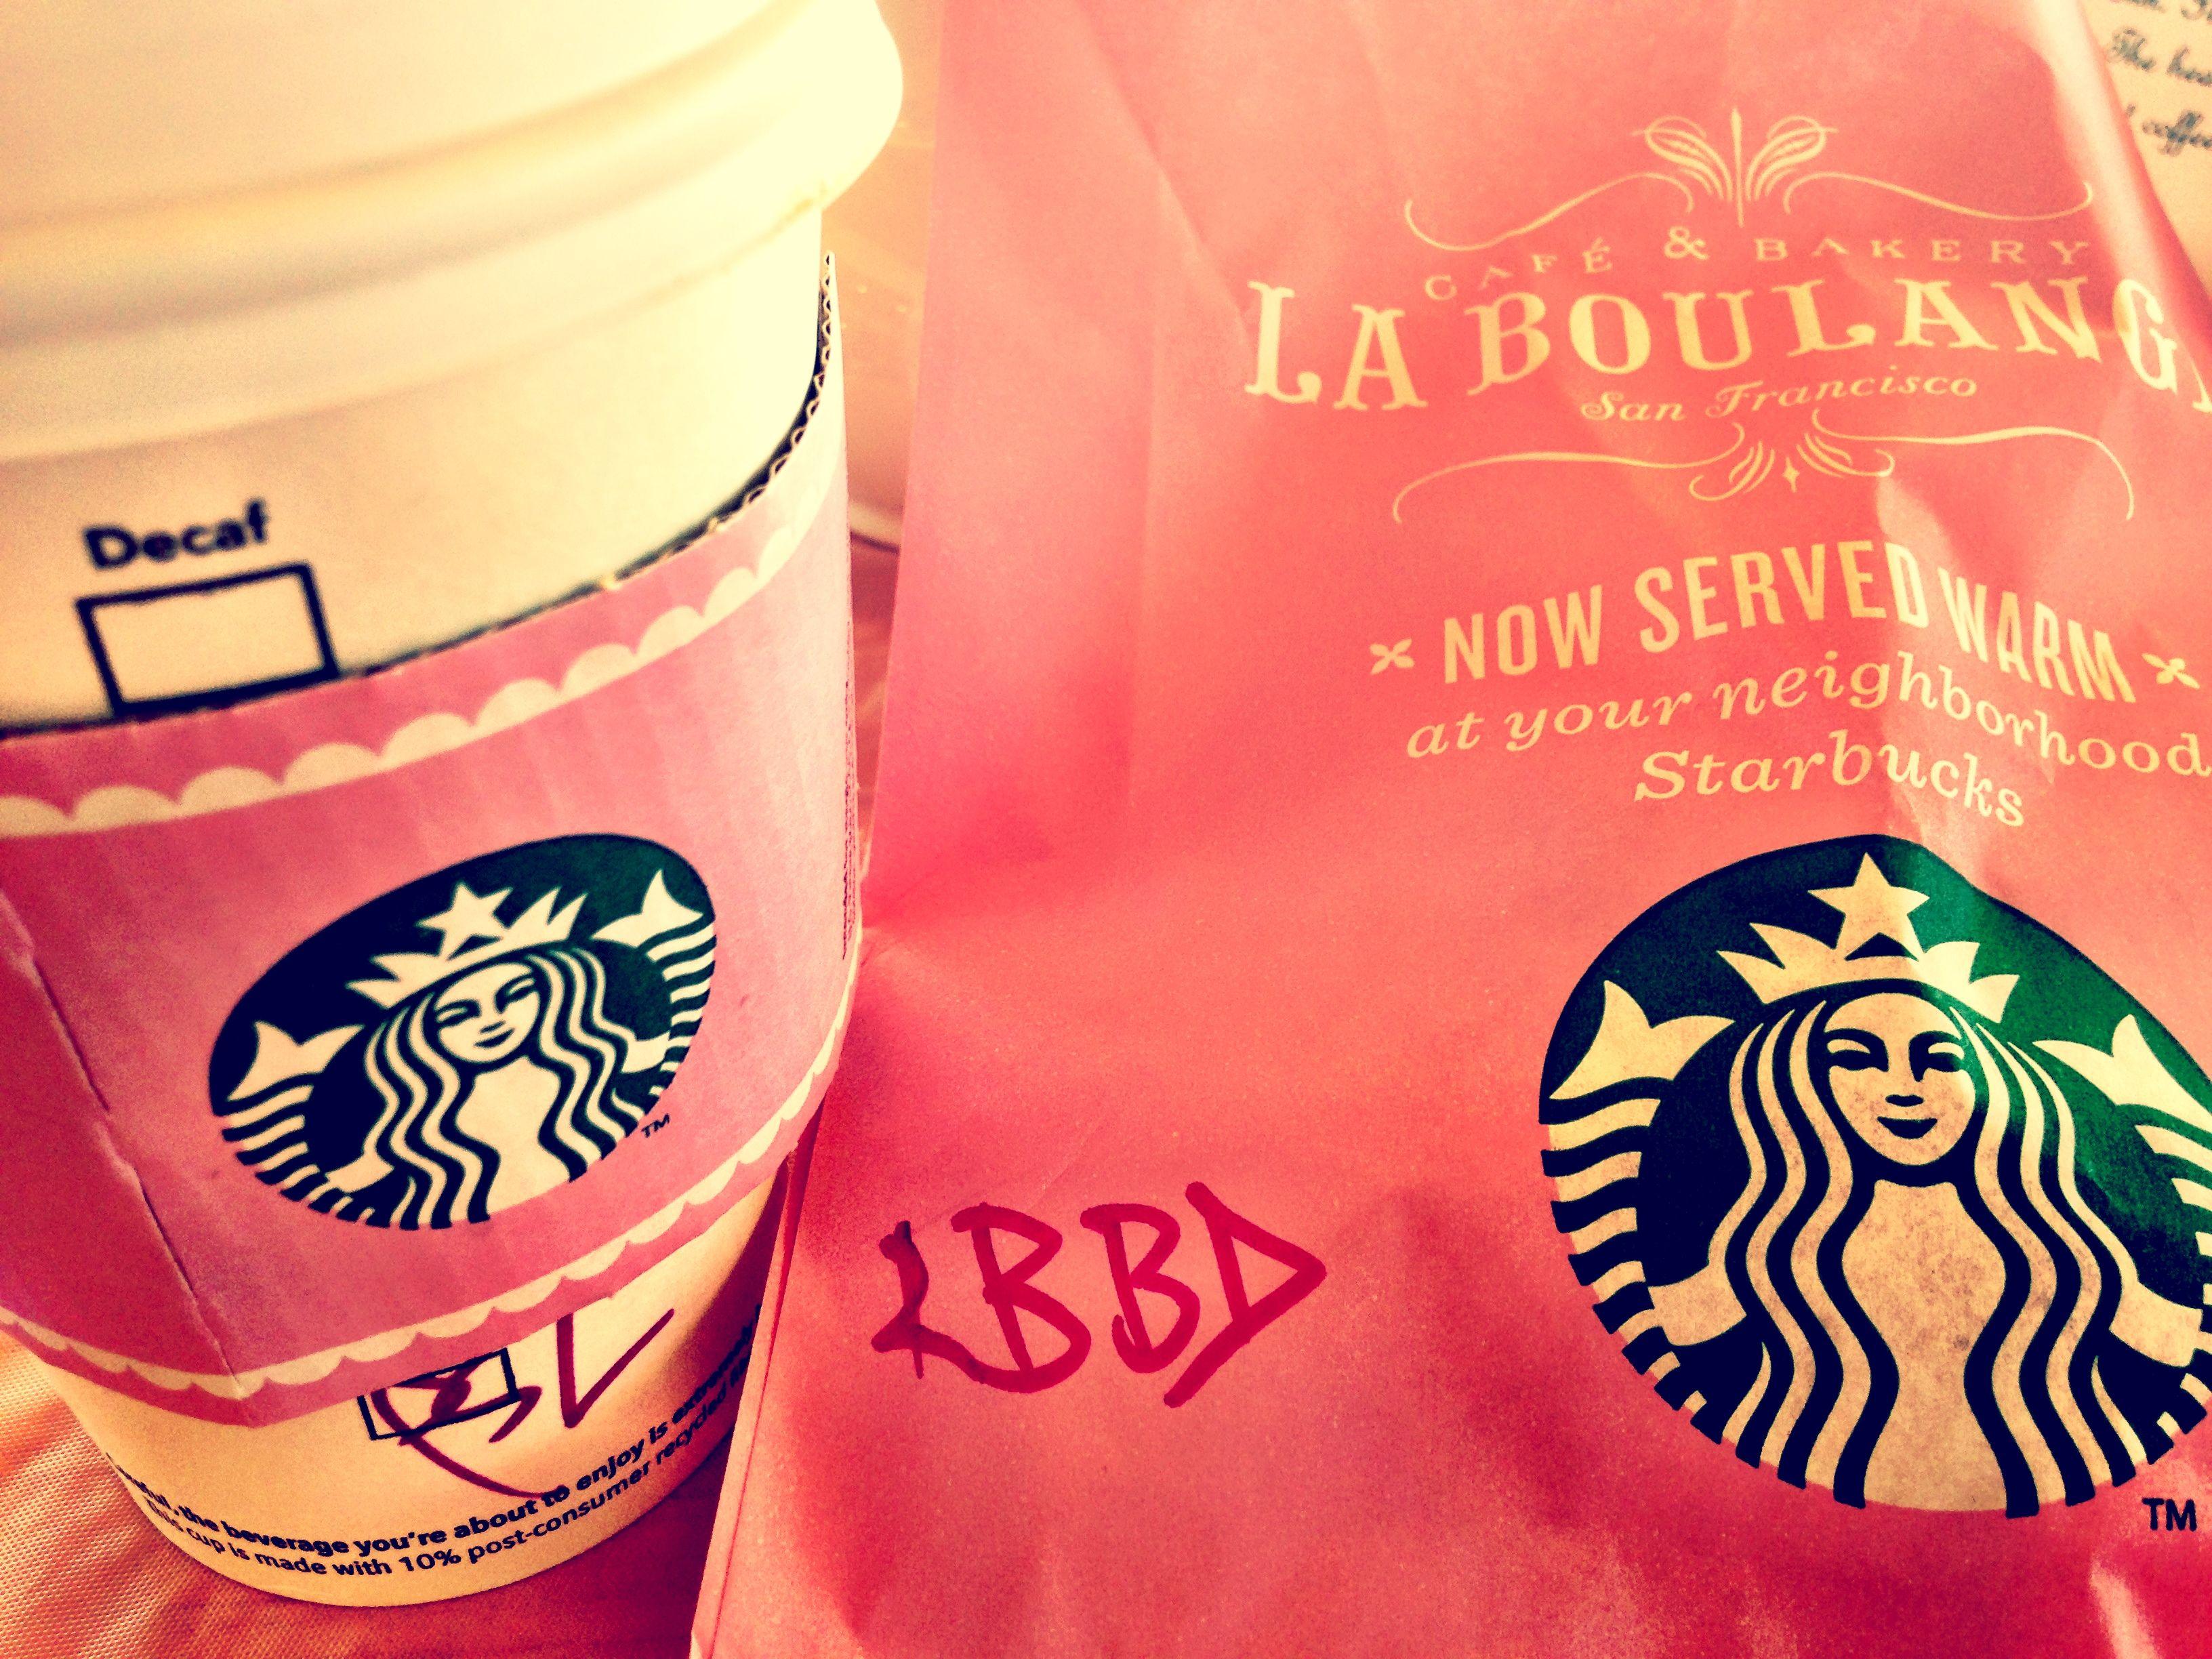 Starbucks launches new menu items Starbucks, Starbucks